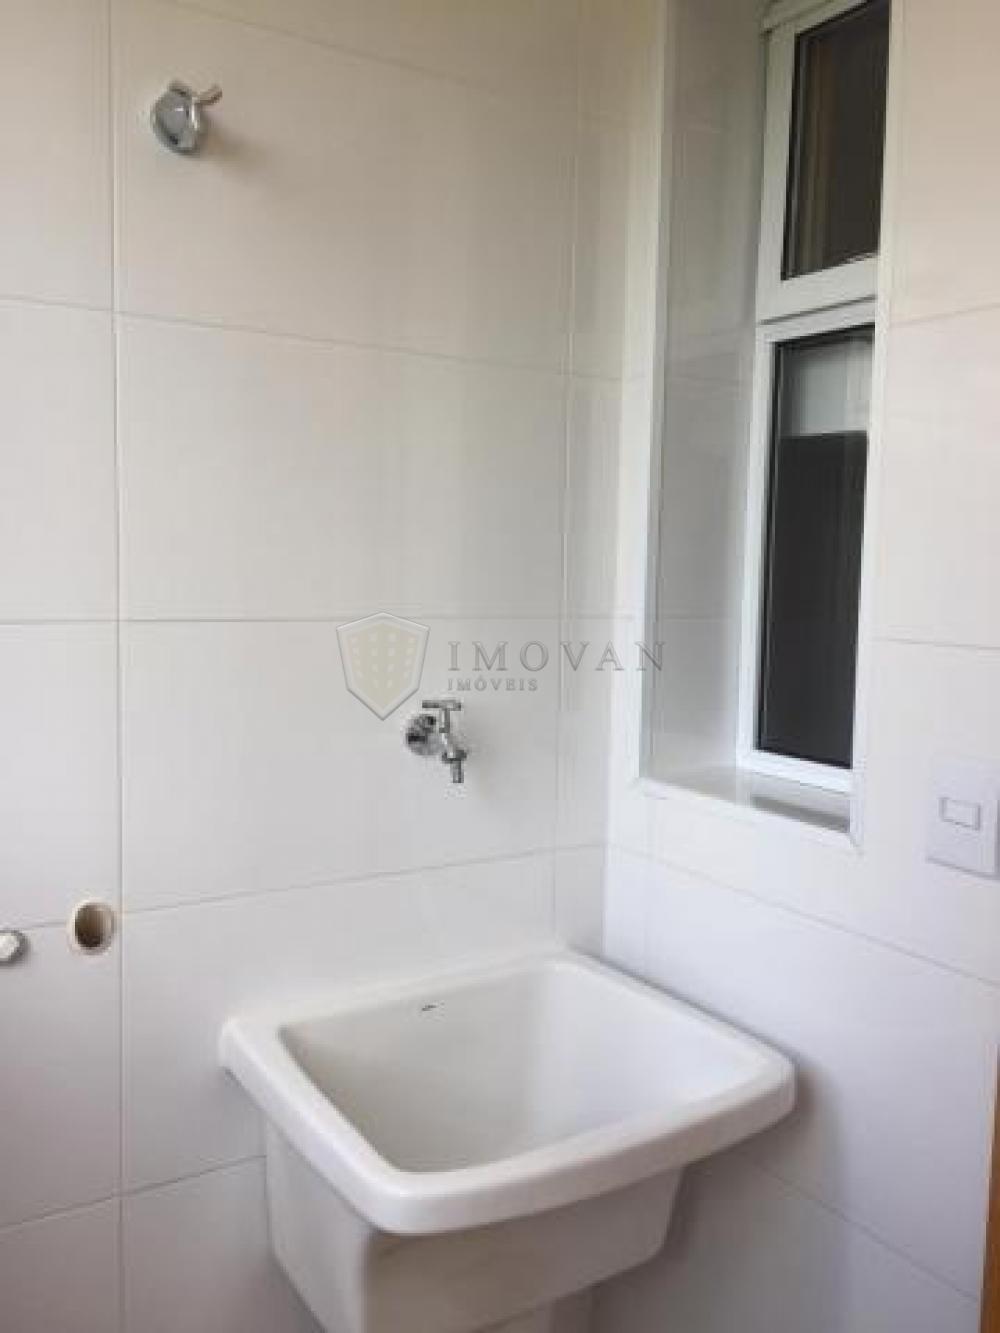 Comprar Apartamento / Padrão em Ribeirão Preto R$ 440.000,00 - Foto 8